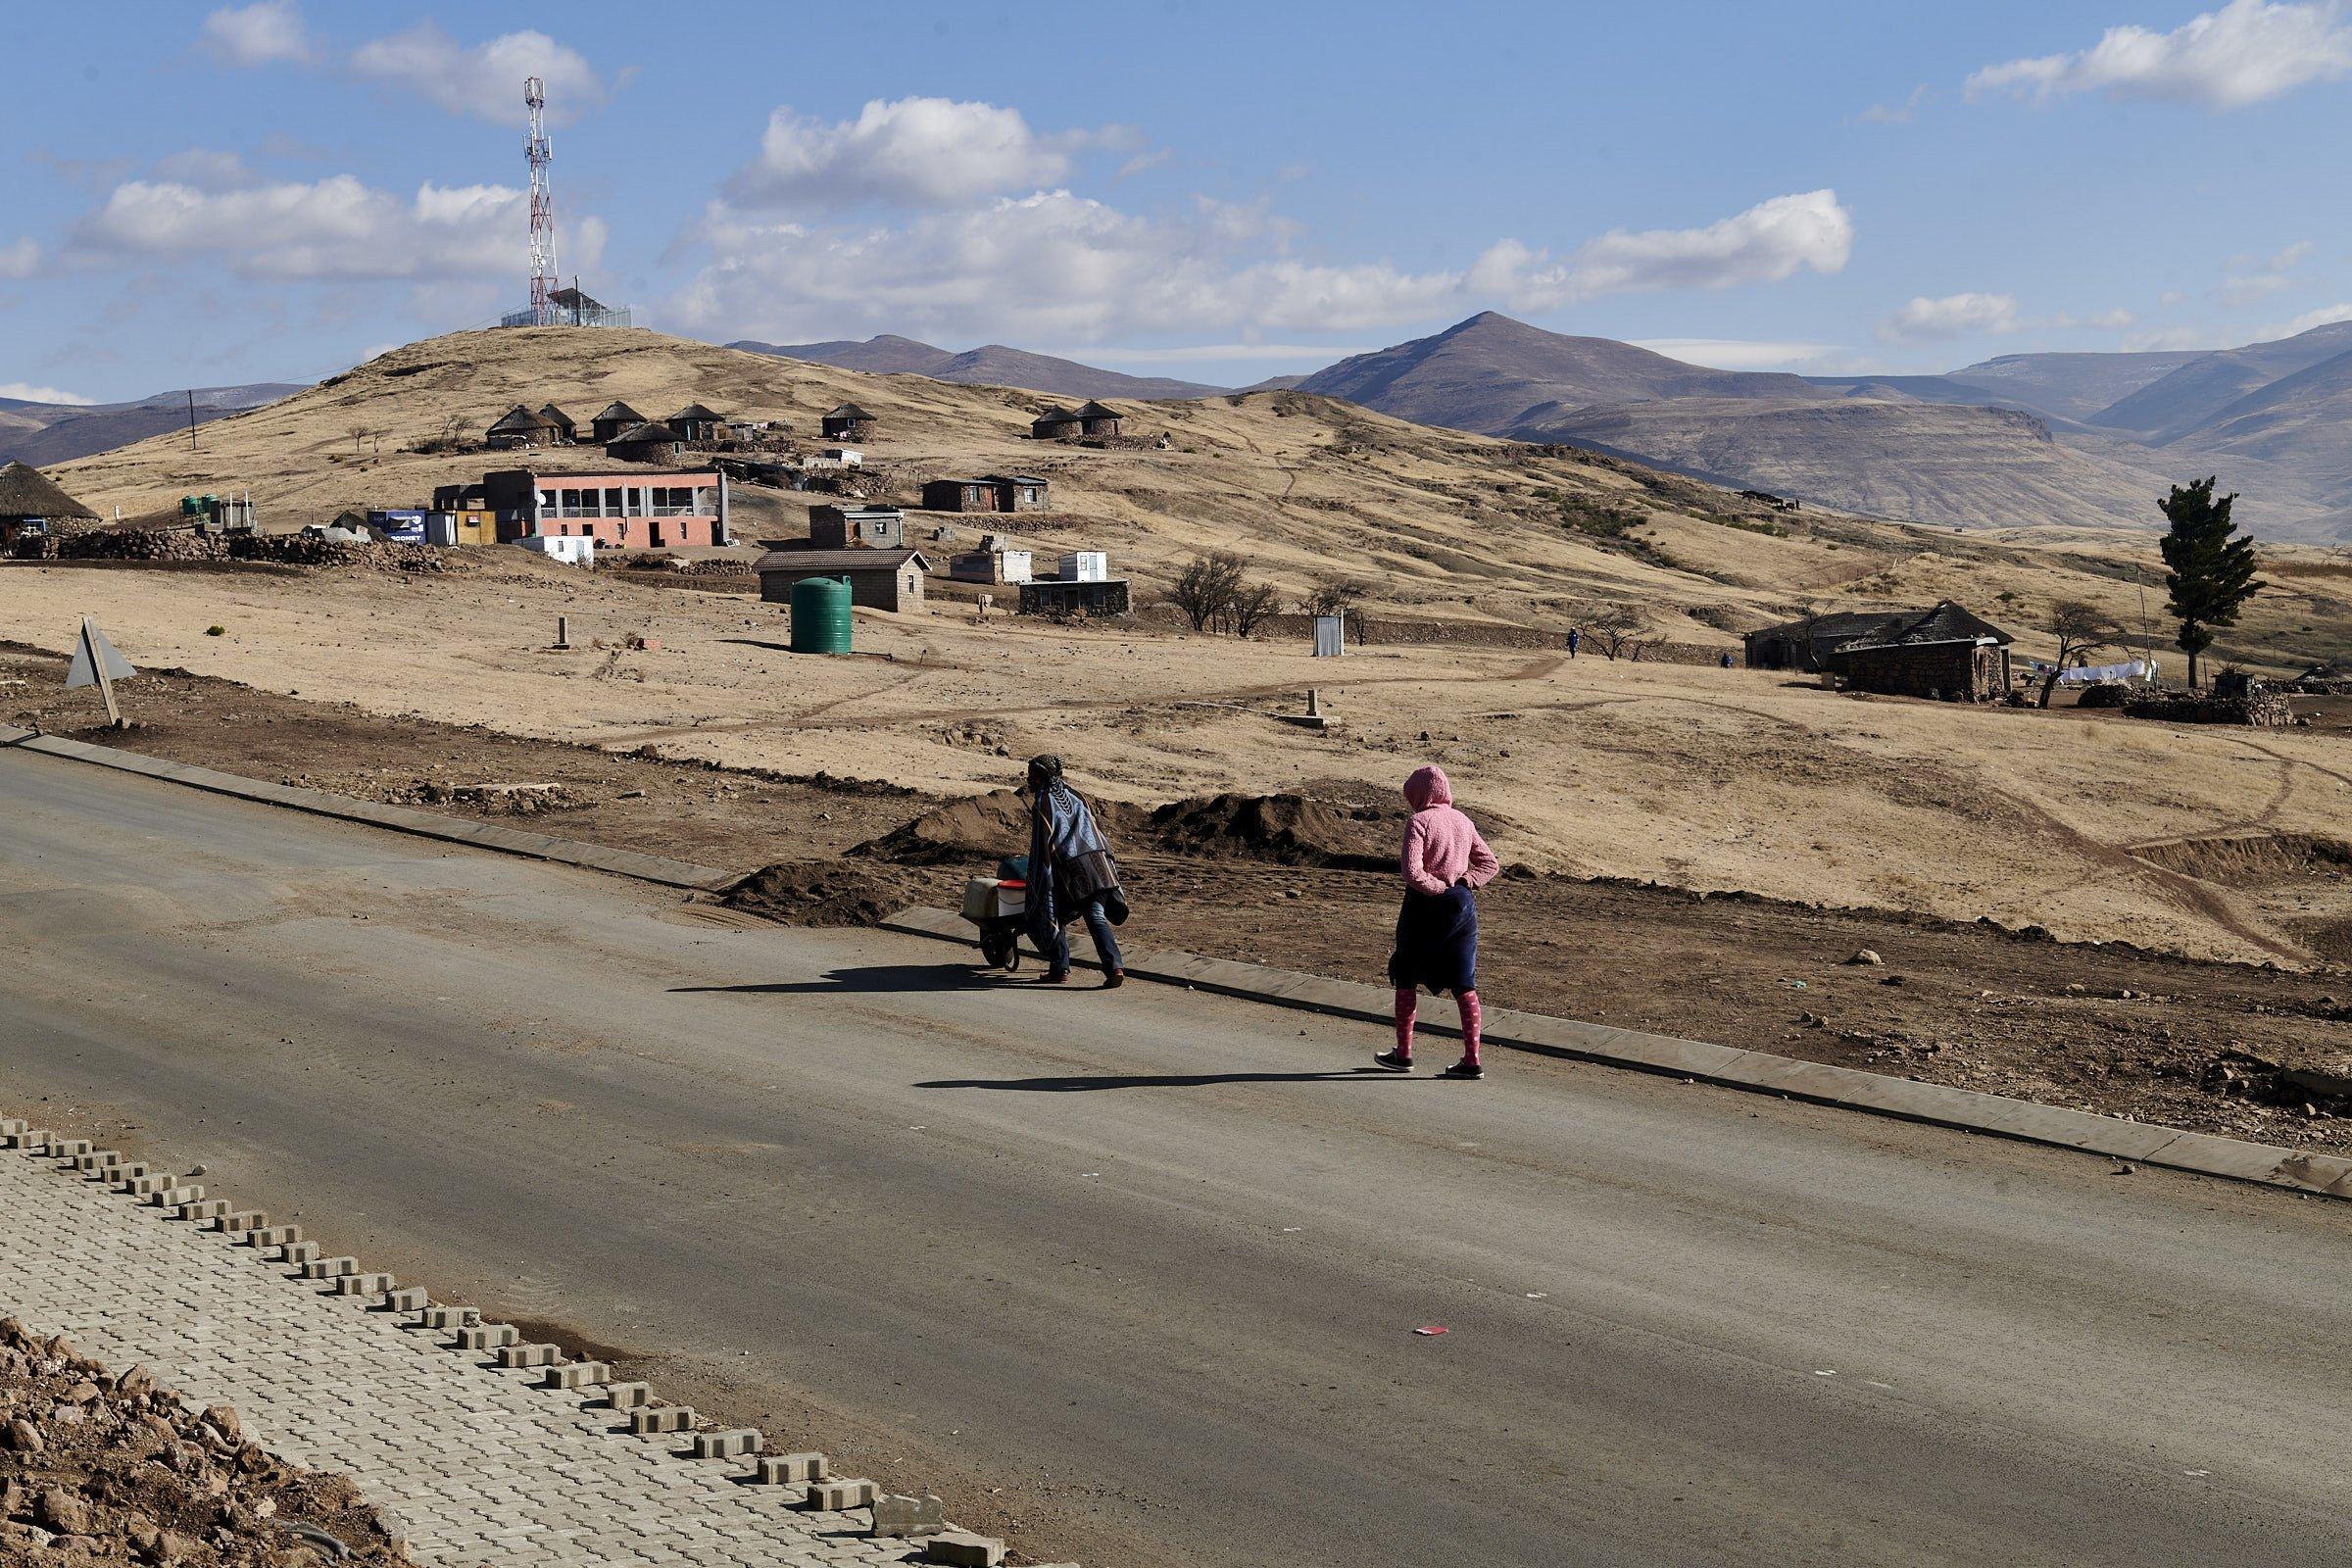 Auf der neuen Straße schiebt eine Frau eine Schubkarre, eine andere folgt ihr. Neben Rundhäusern sind nun auch neue Gebäude für die Arbeiter des Wasserprojekts gebaut worden